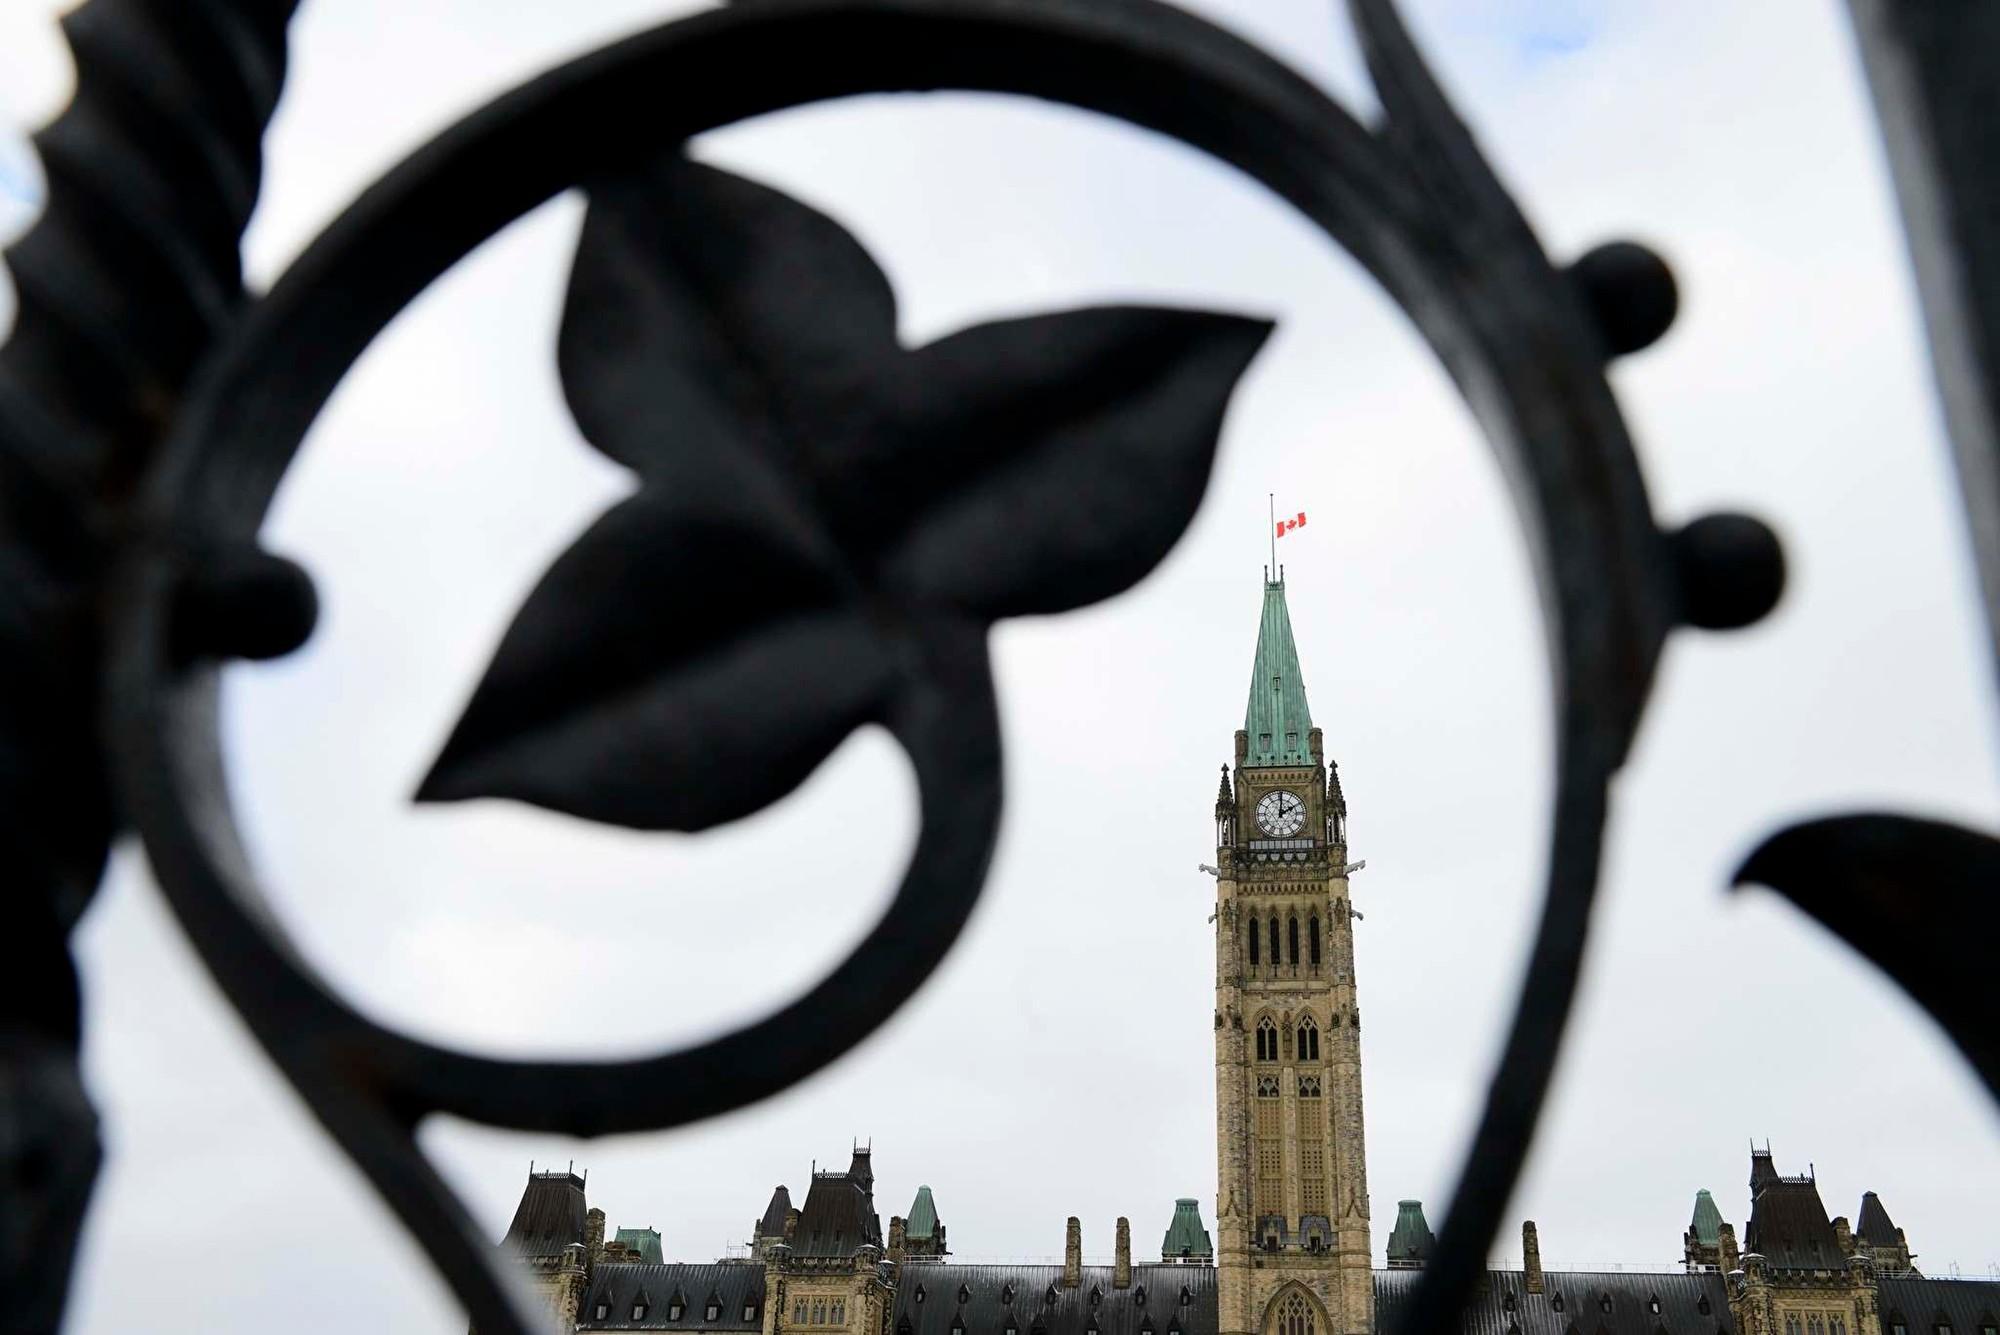 加拿大外交專家警告 跟中共走得近有危險